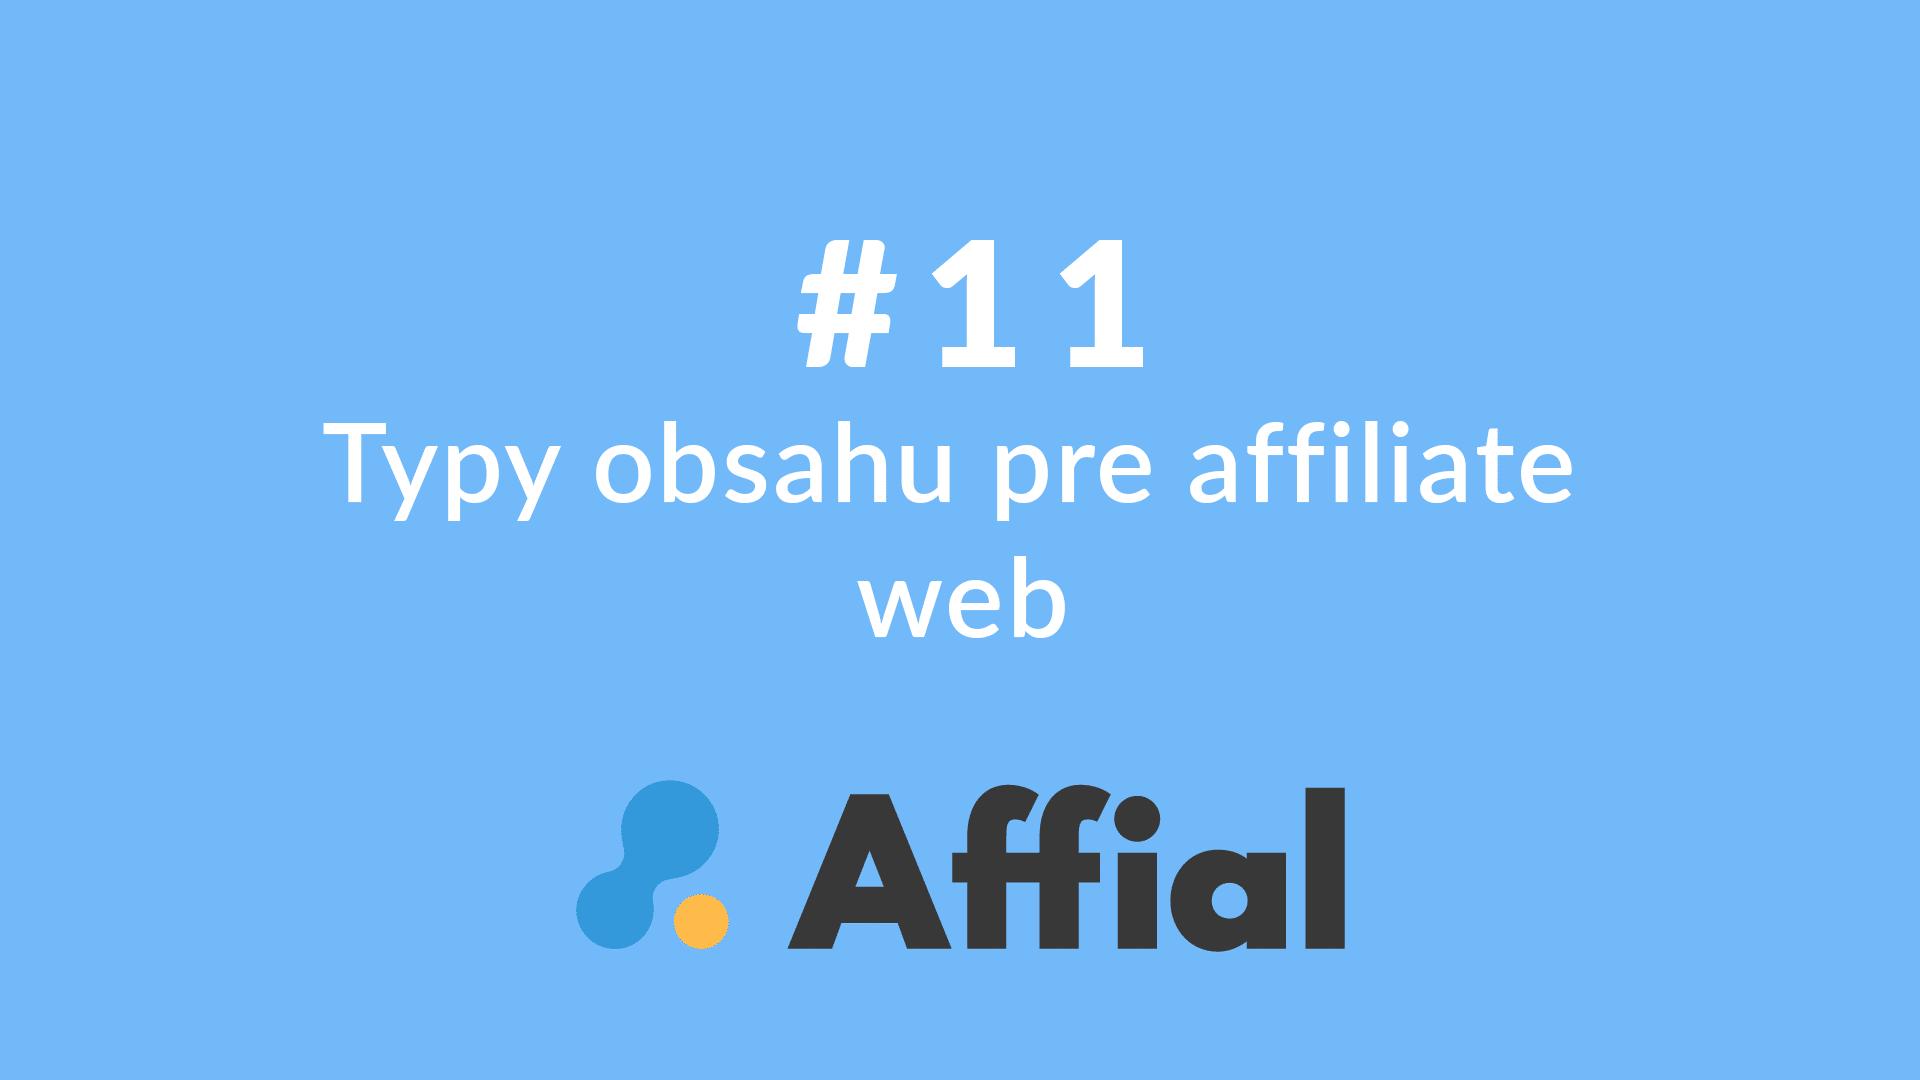 Affial Univerzita 11 - Typy obsahu pre affiliate web